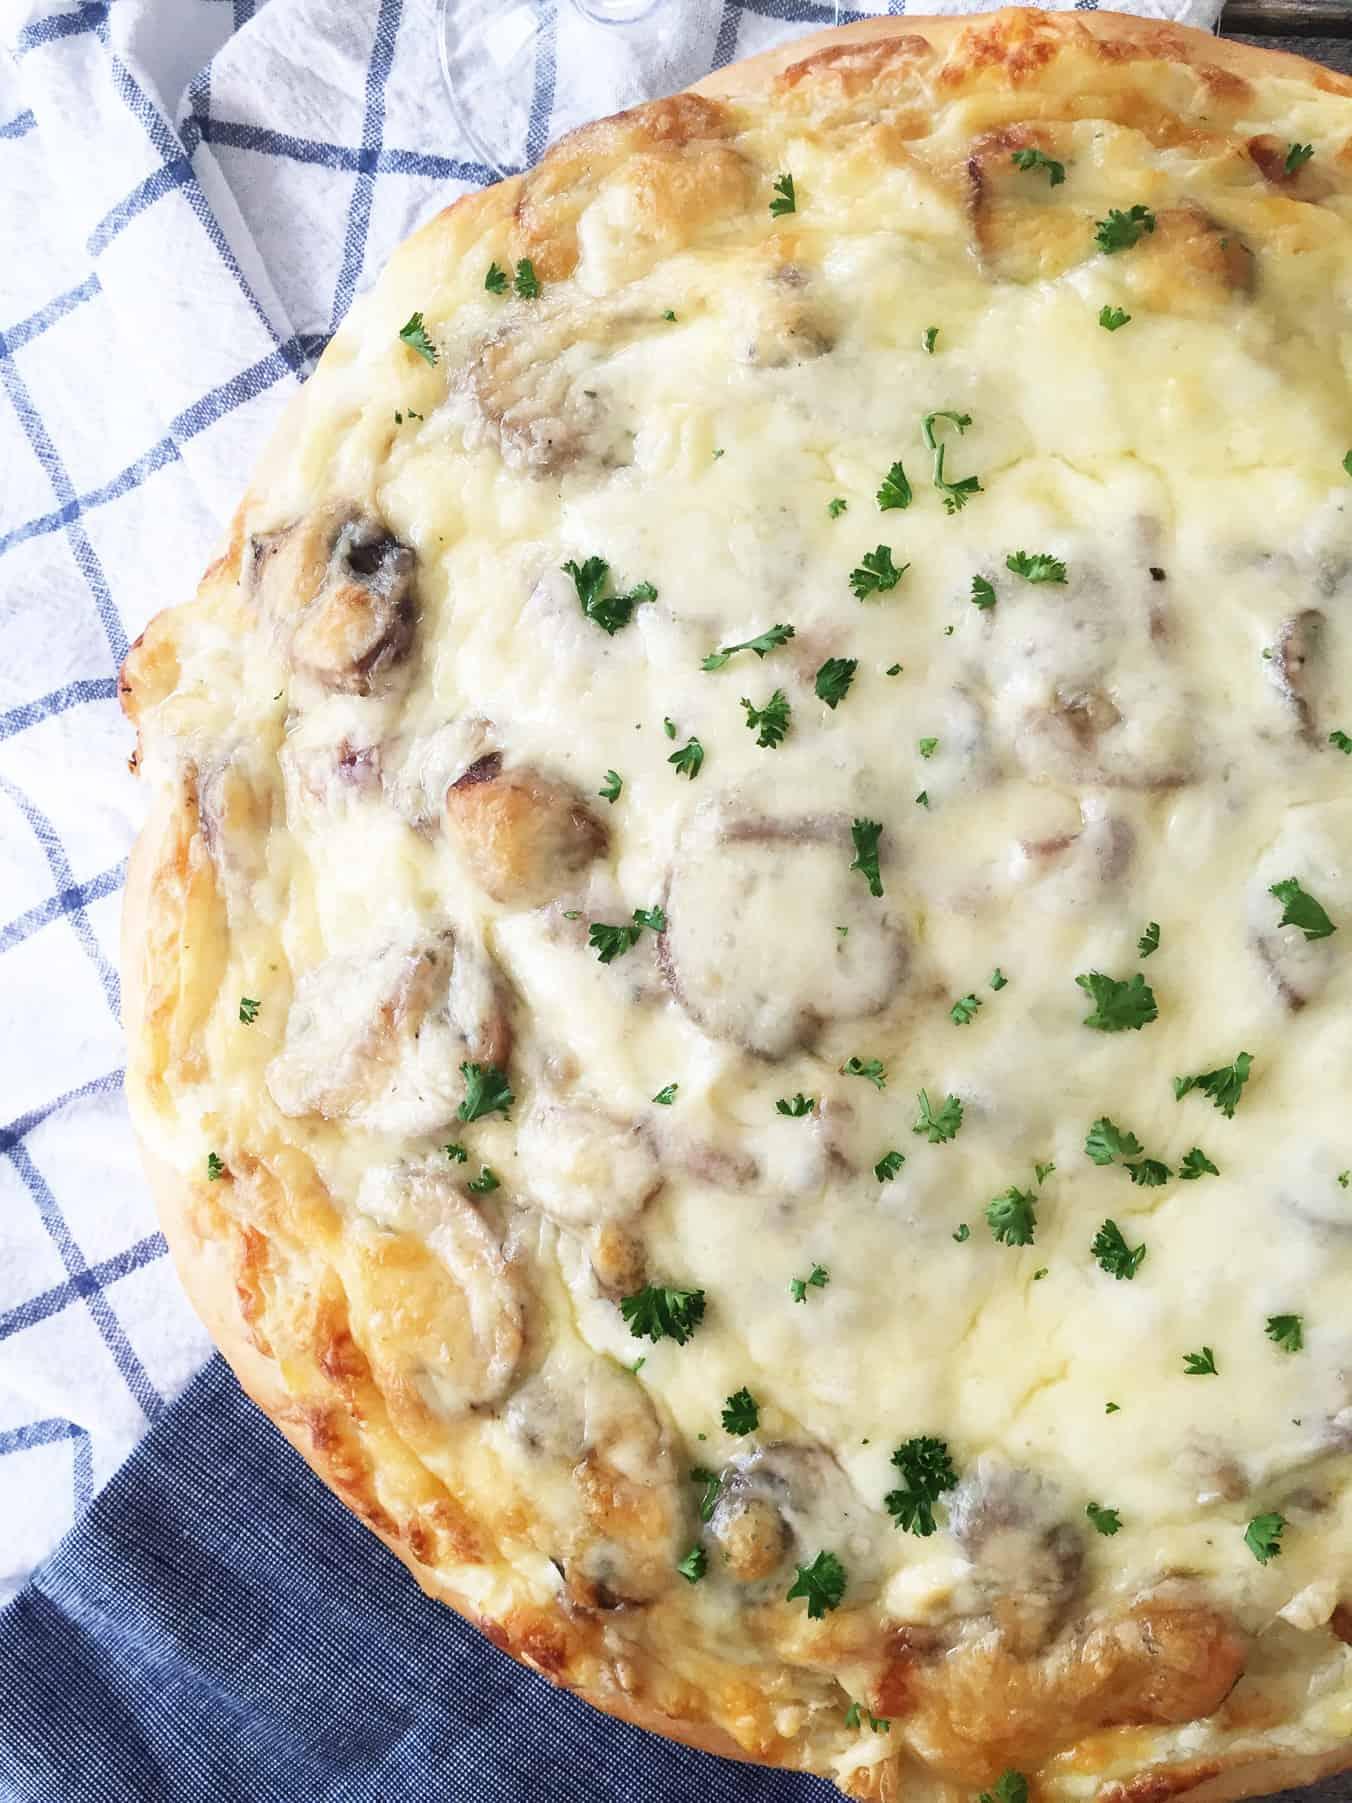 White Pizza with Chicken, Mushrooms and Mozzarella